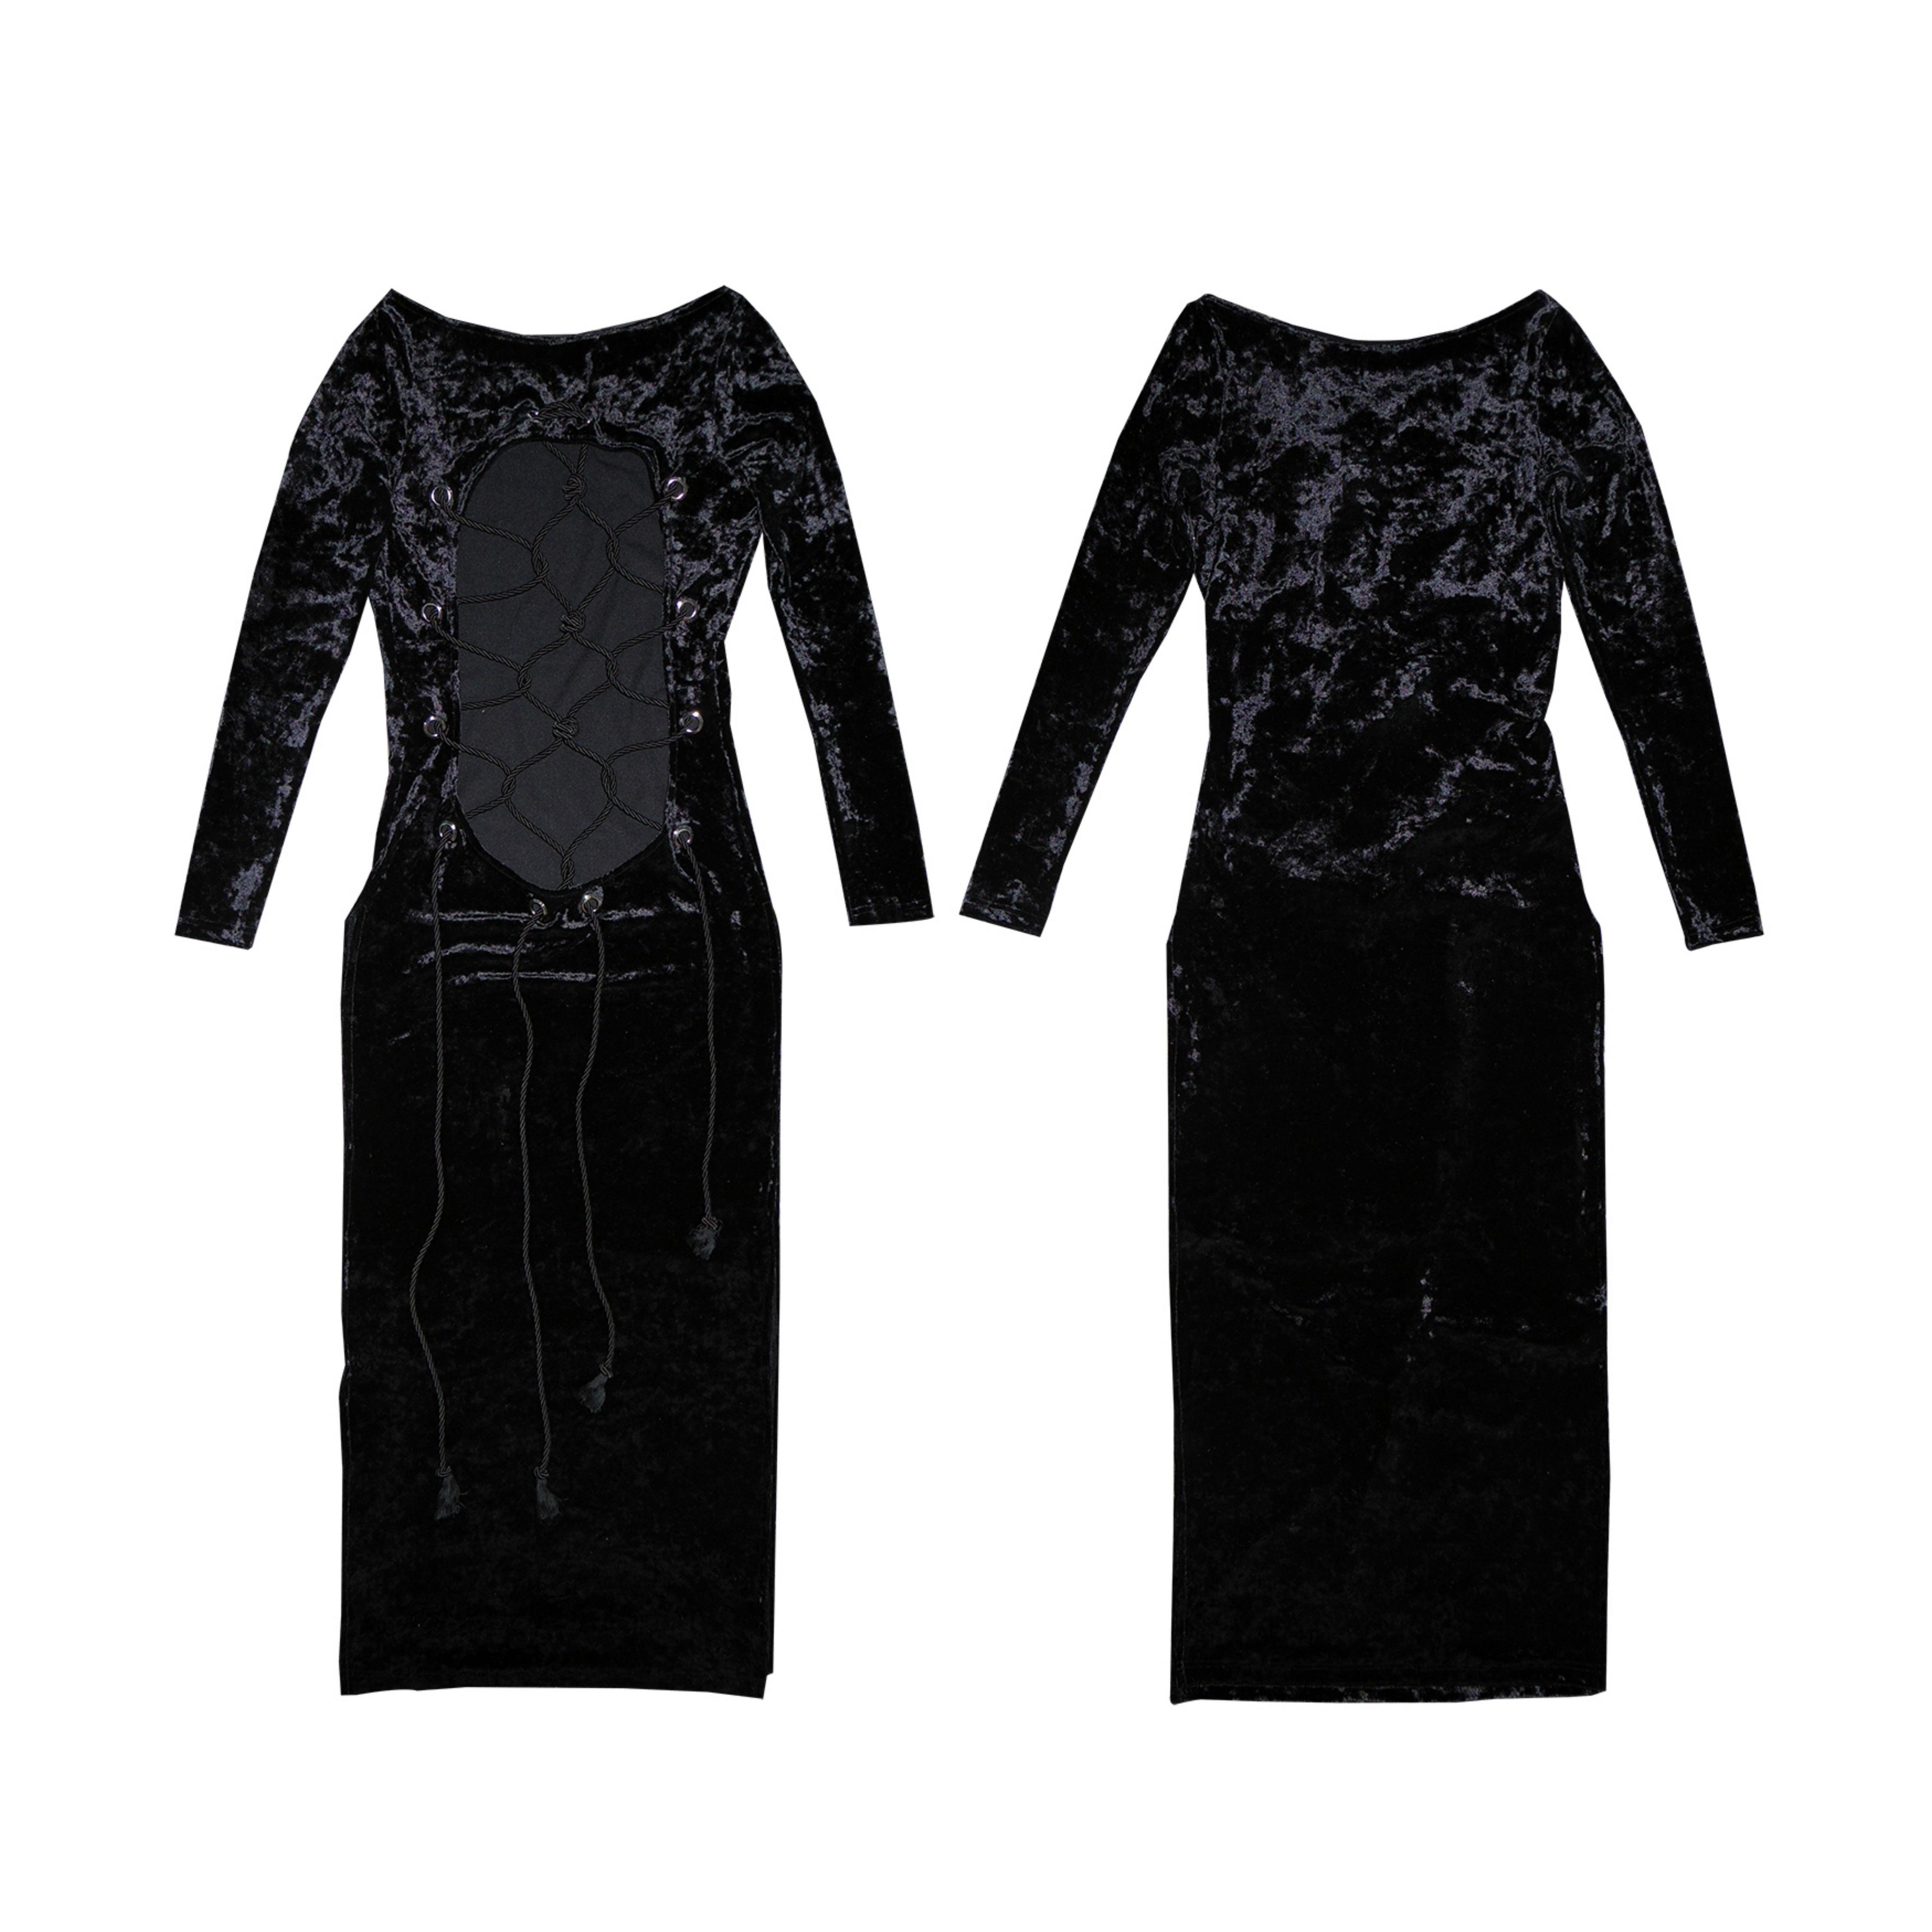 Shuriken black and white dresses